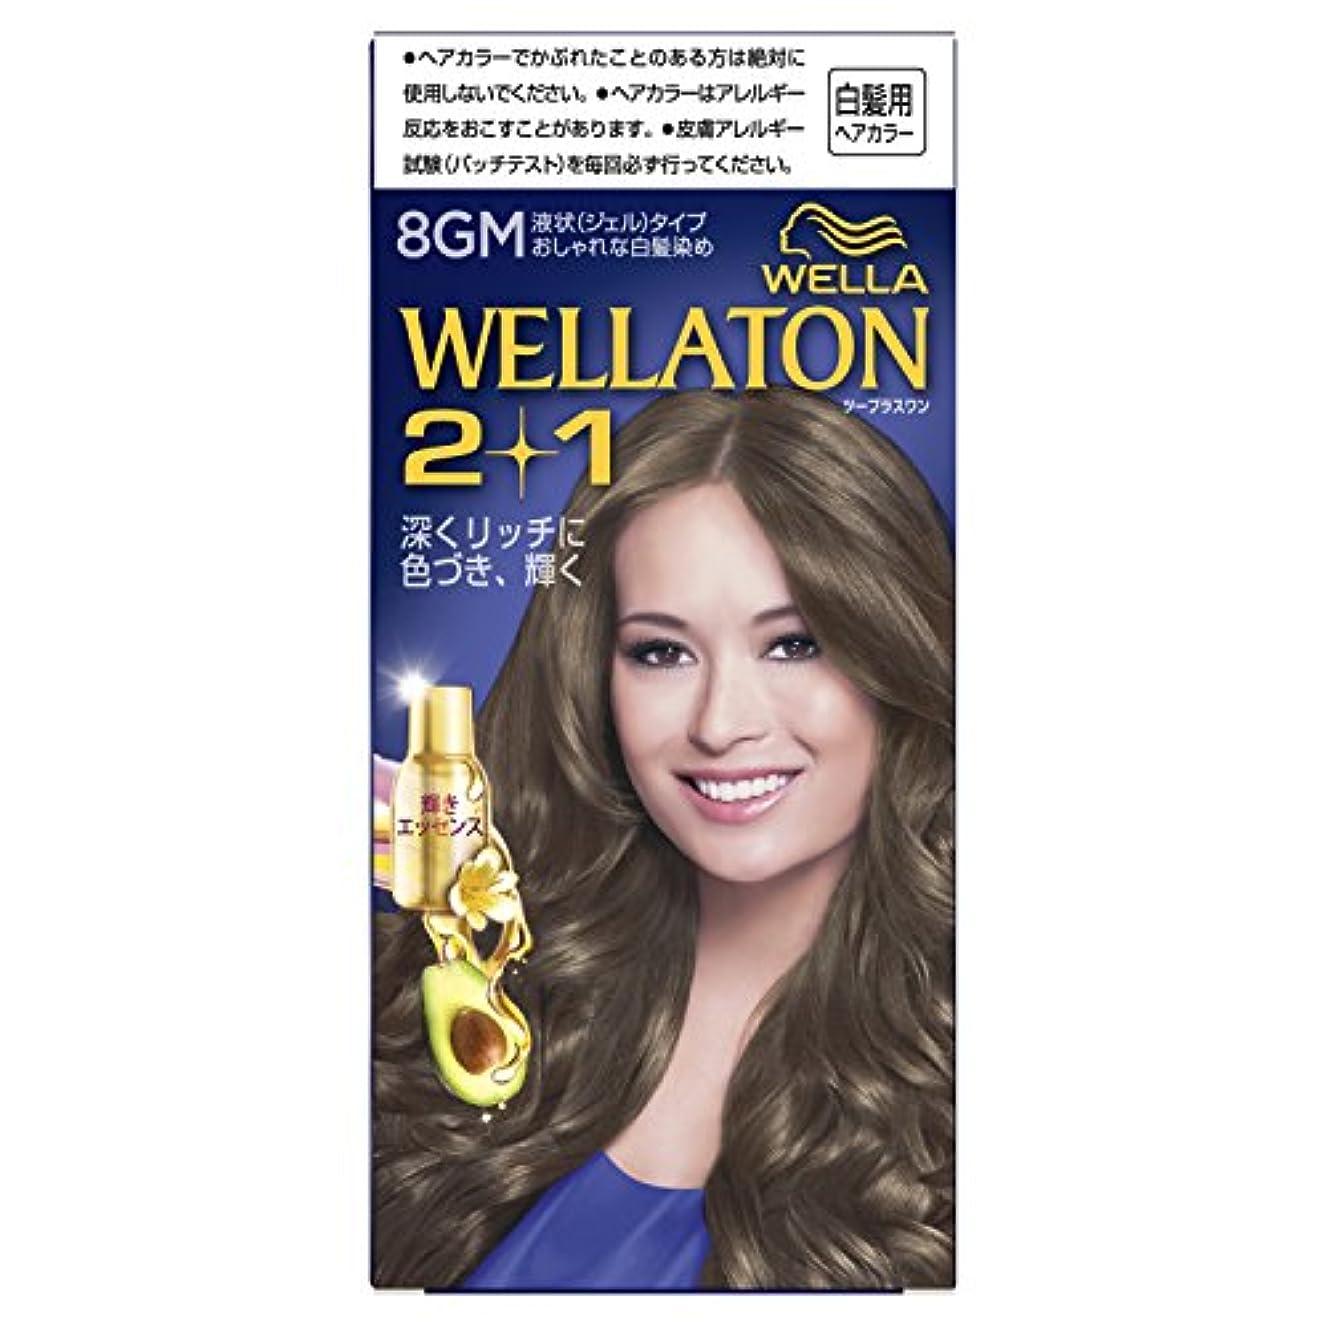 保存する信頼性のあるわかるウエラトーン2+1 液状タイプ 8GM [医薬部外品](おしゃれな白髪染め)